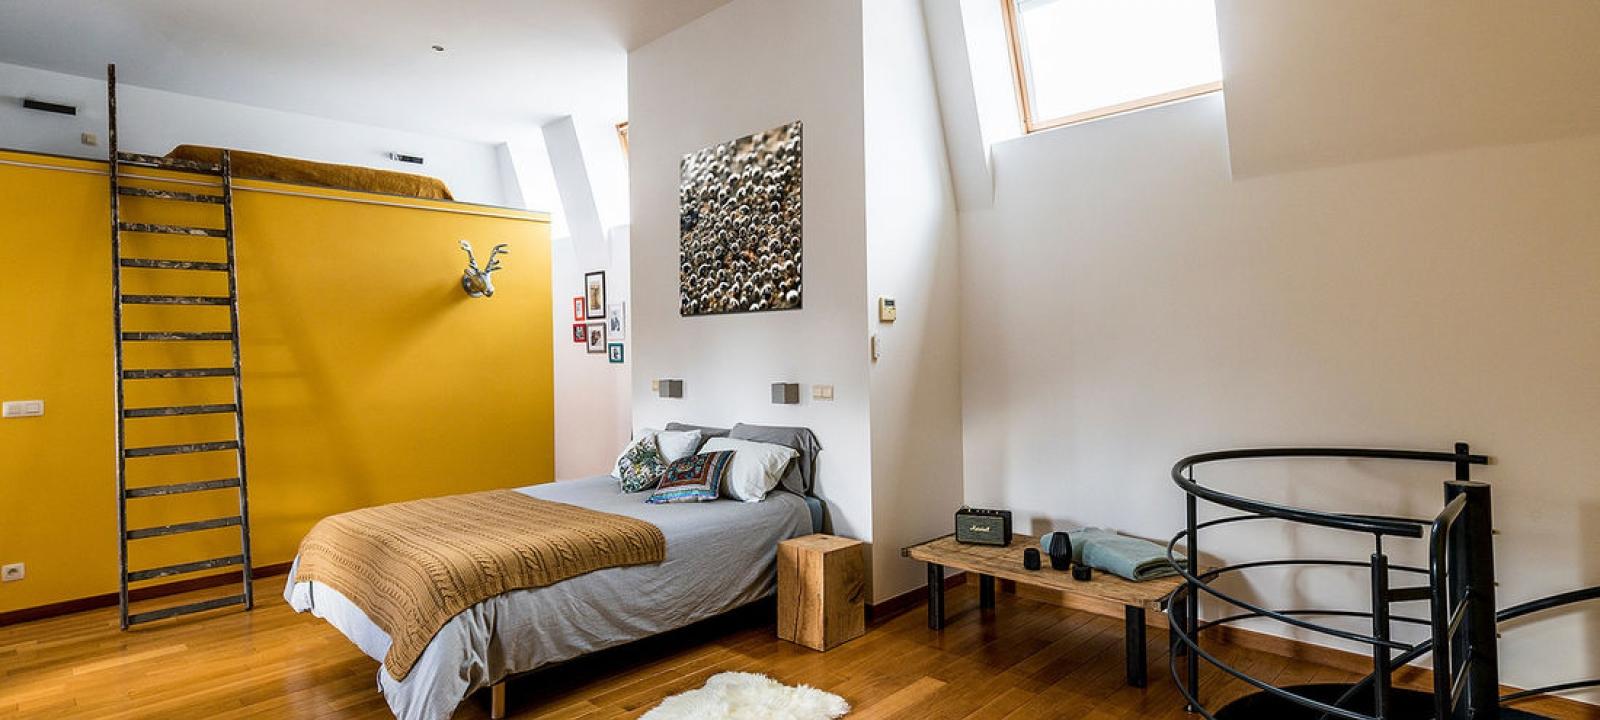 hors s rie maison foire de paris. Black Bedroom Furniture Sets. Home Design Ideas